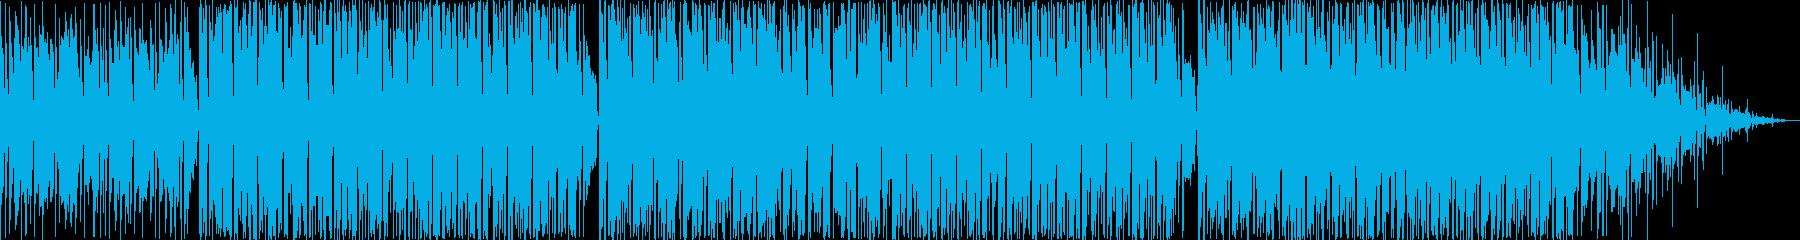 軽快で前向きなHiphopBeatの再生済みの波形